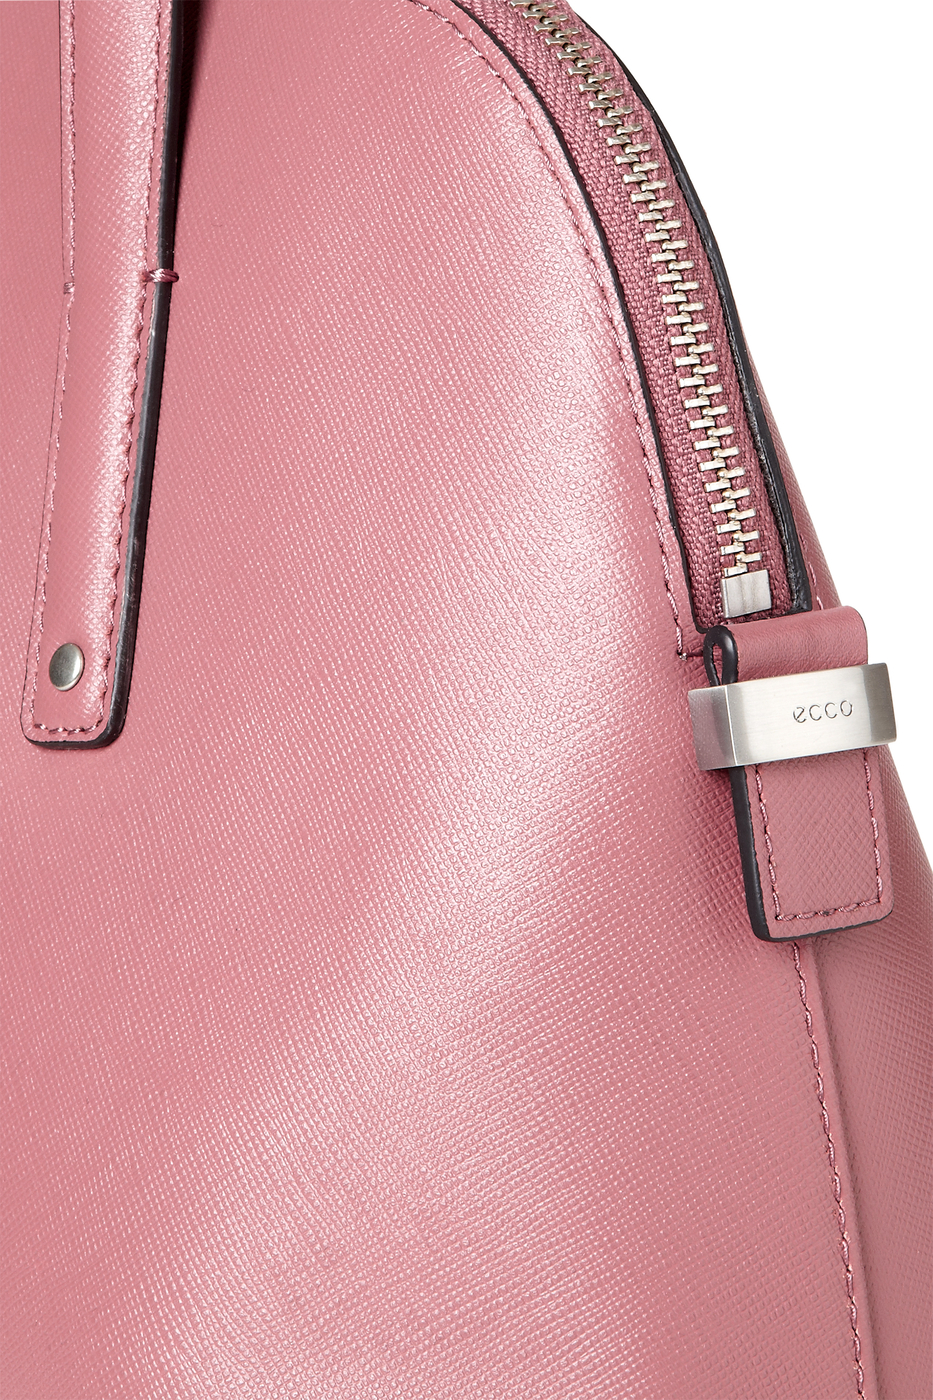 ECCO Felicity Handbag